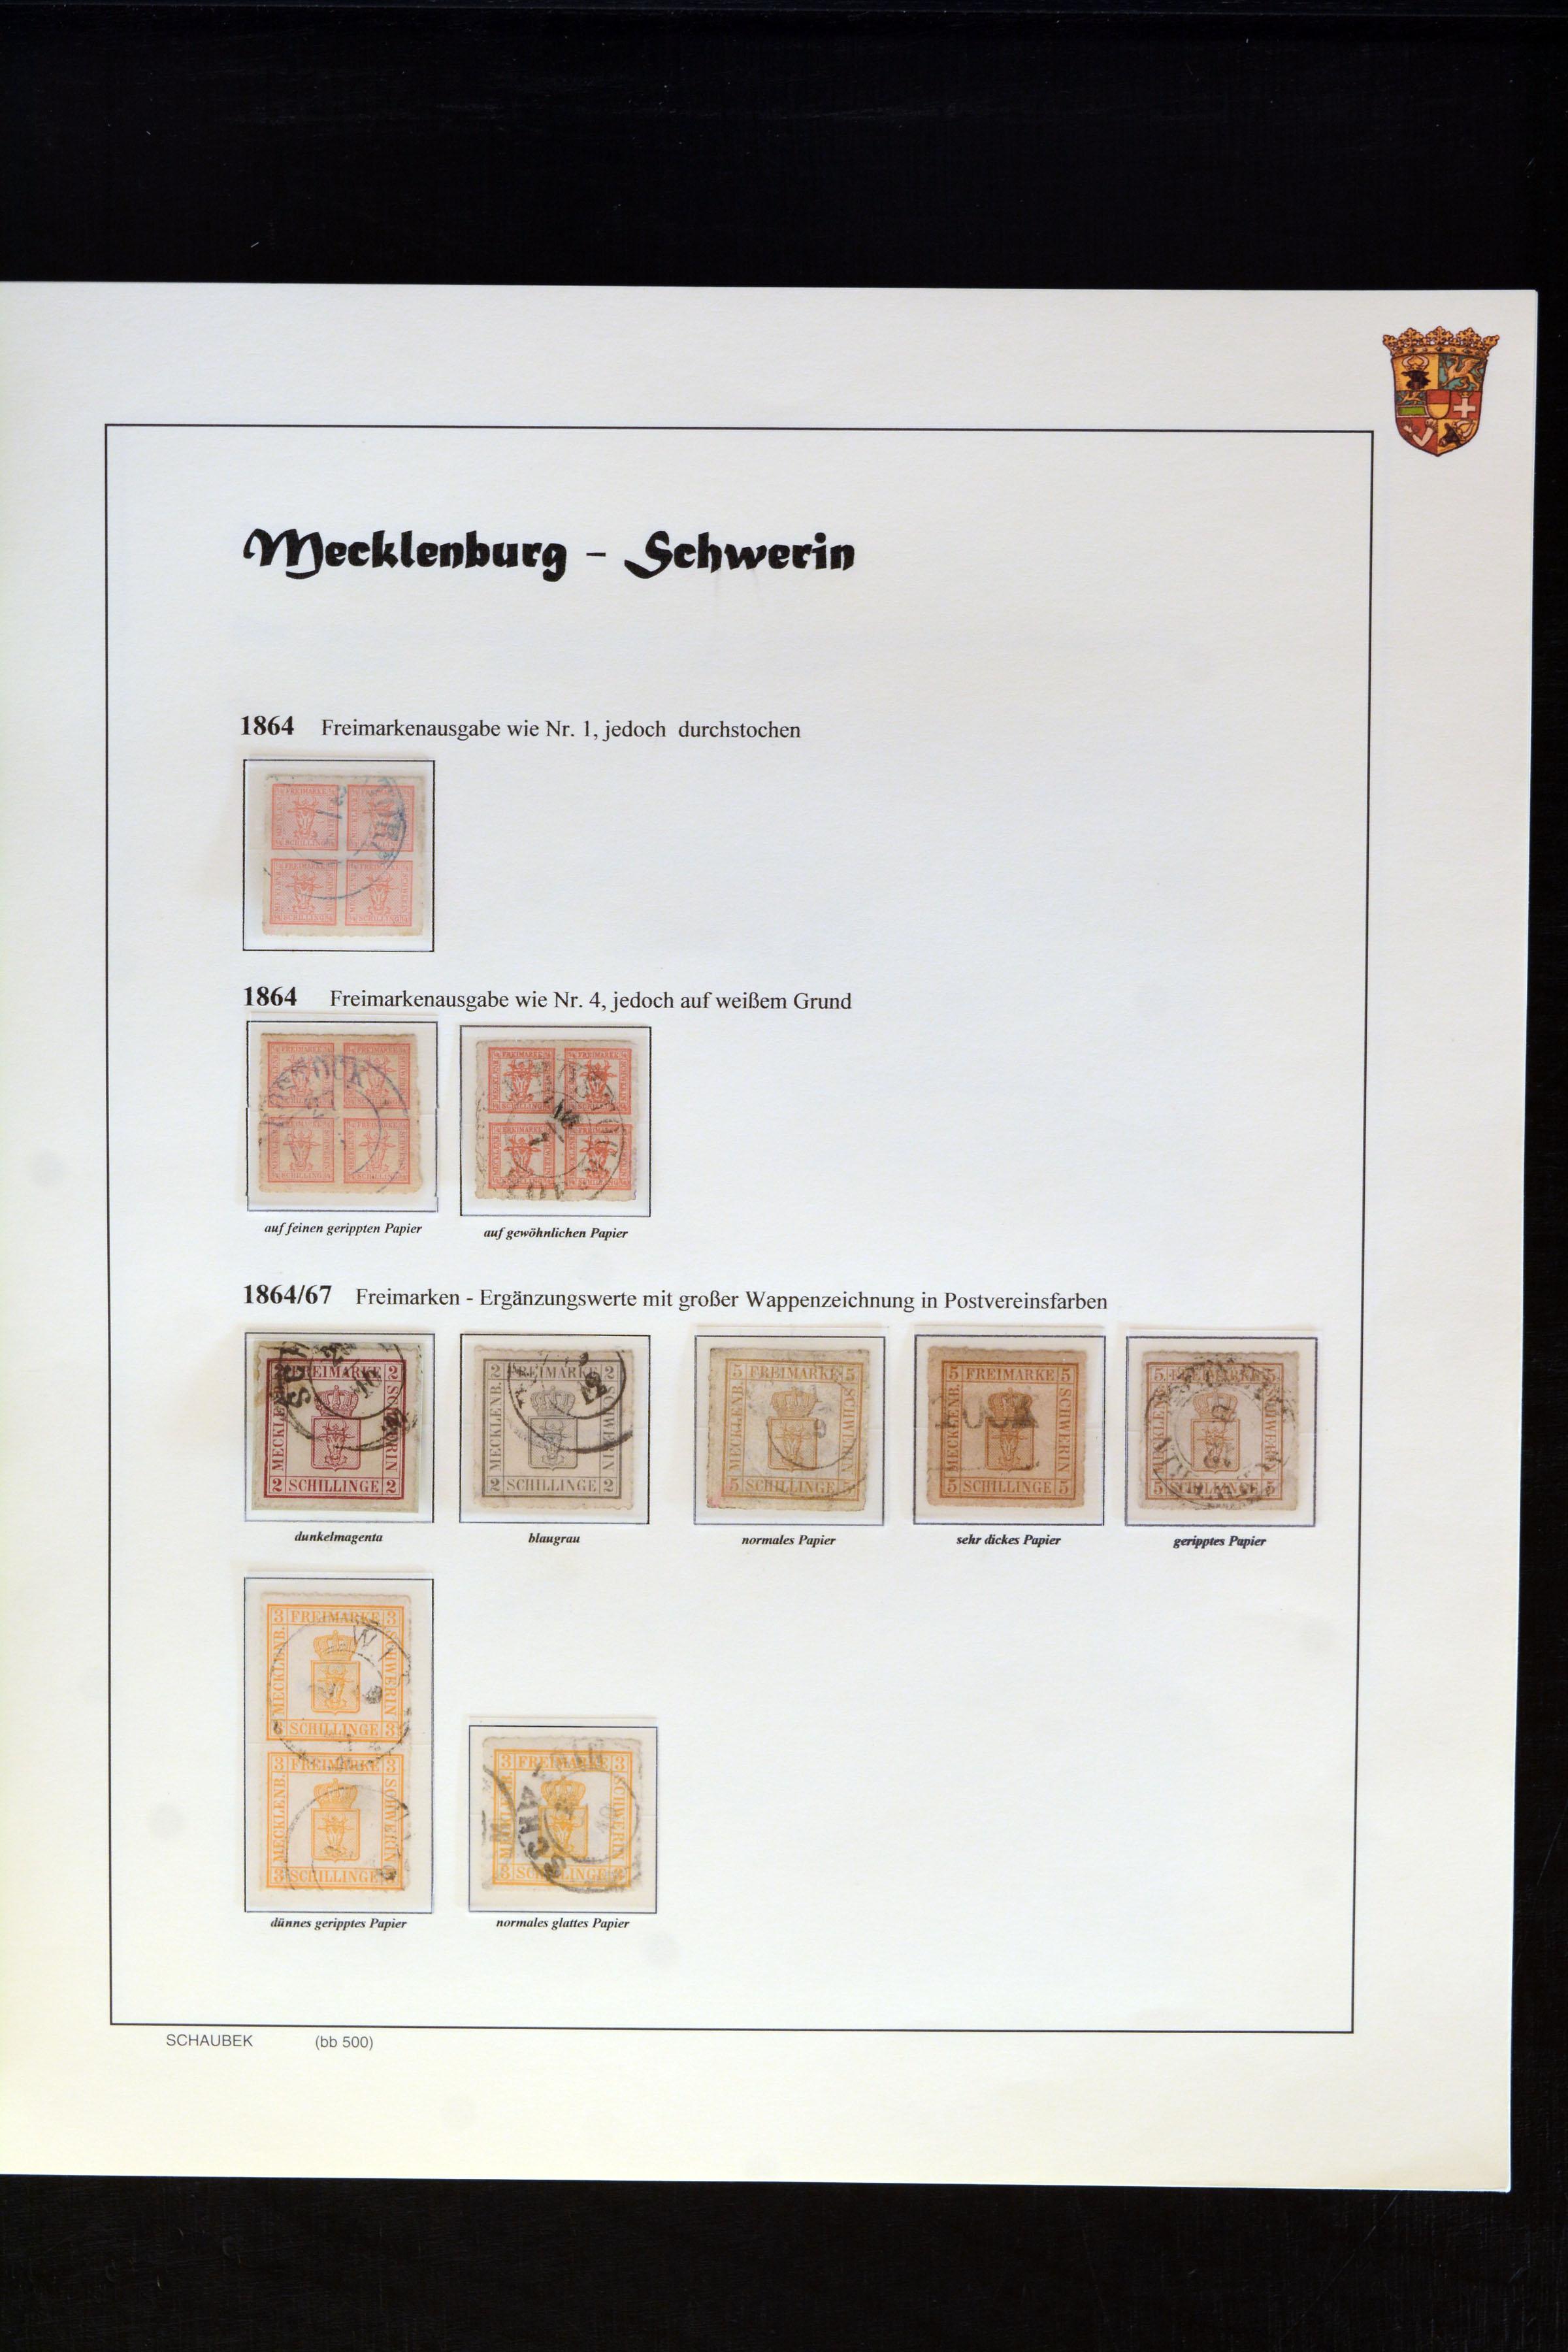 Lot 4677 - mecklenburg-strelitz Mecklenburg-Schwerin and -Strelitz -  Heinrich Koehler Auktionen Auction #368- Day 3